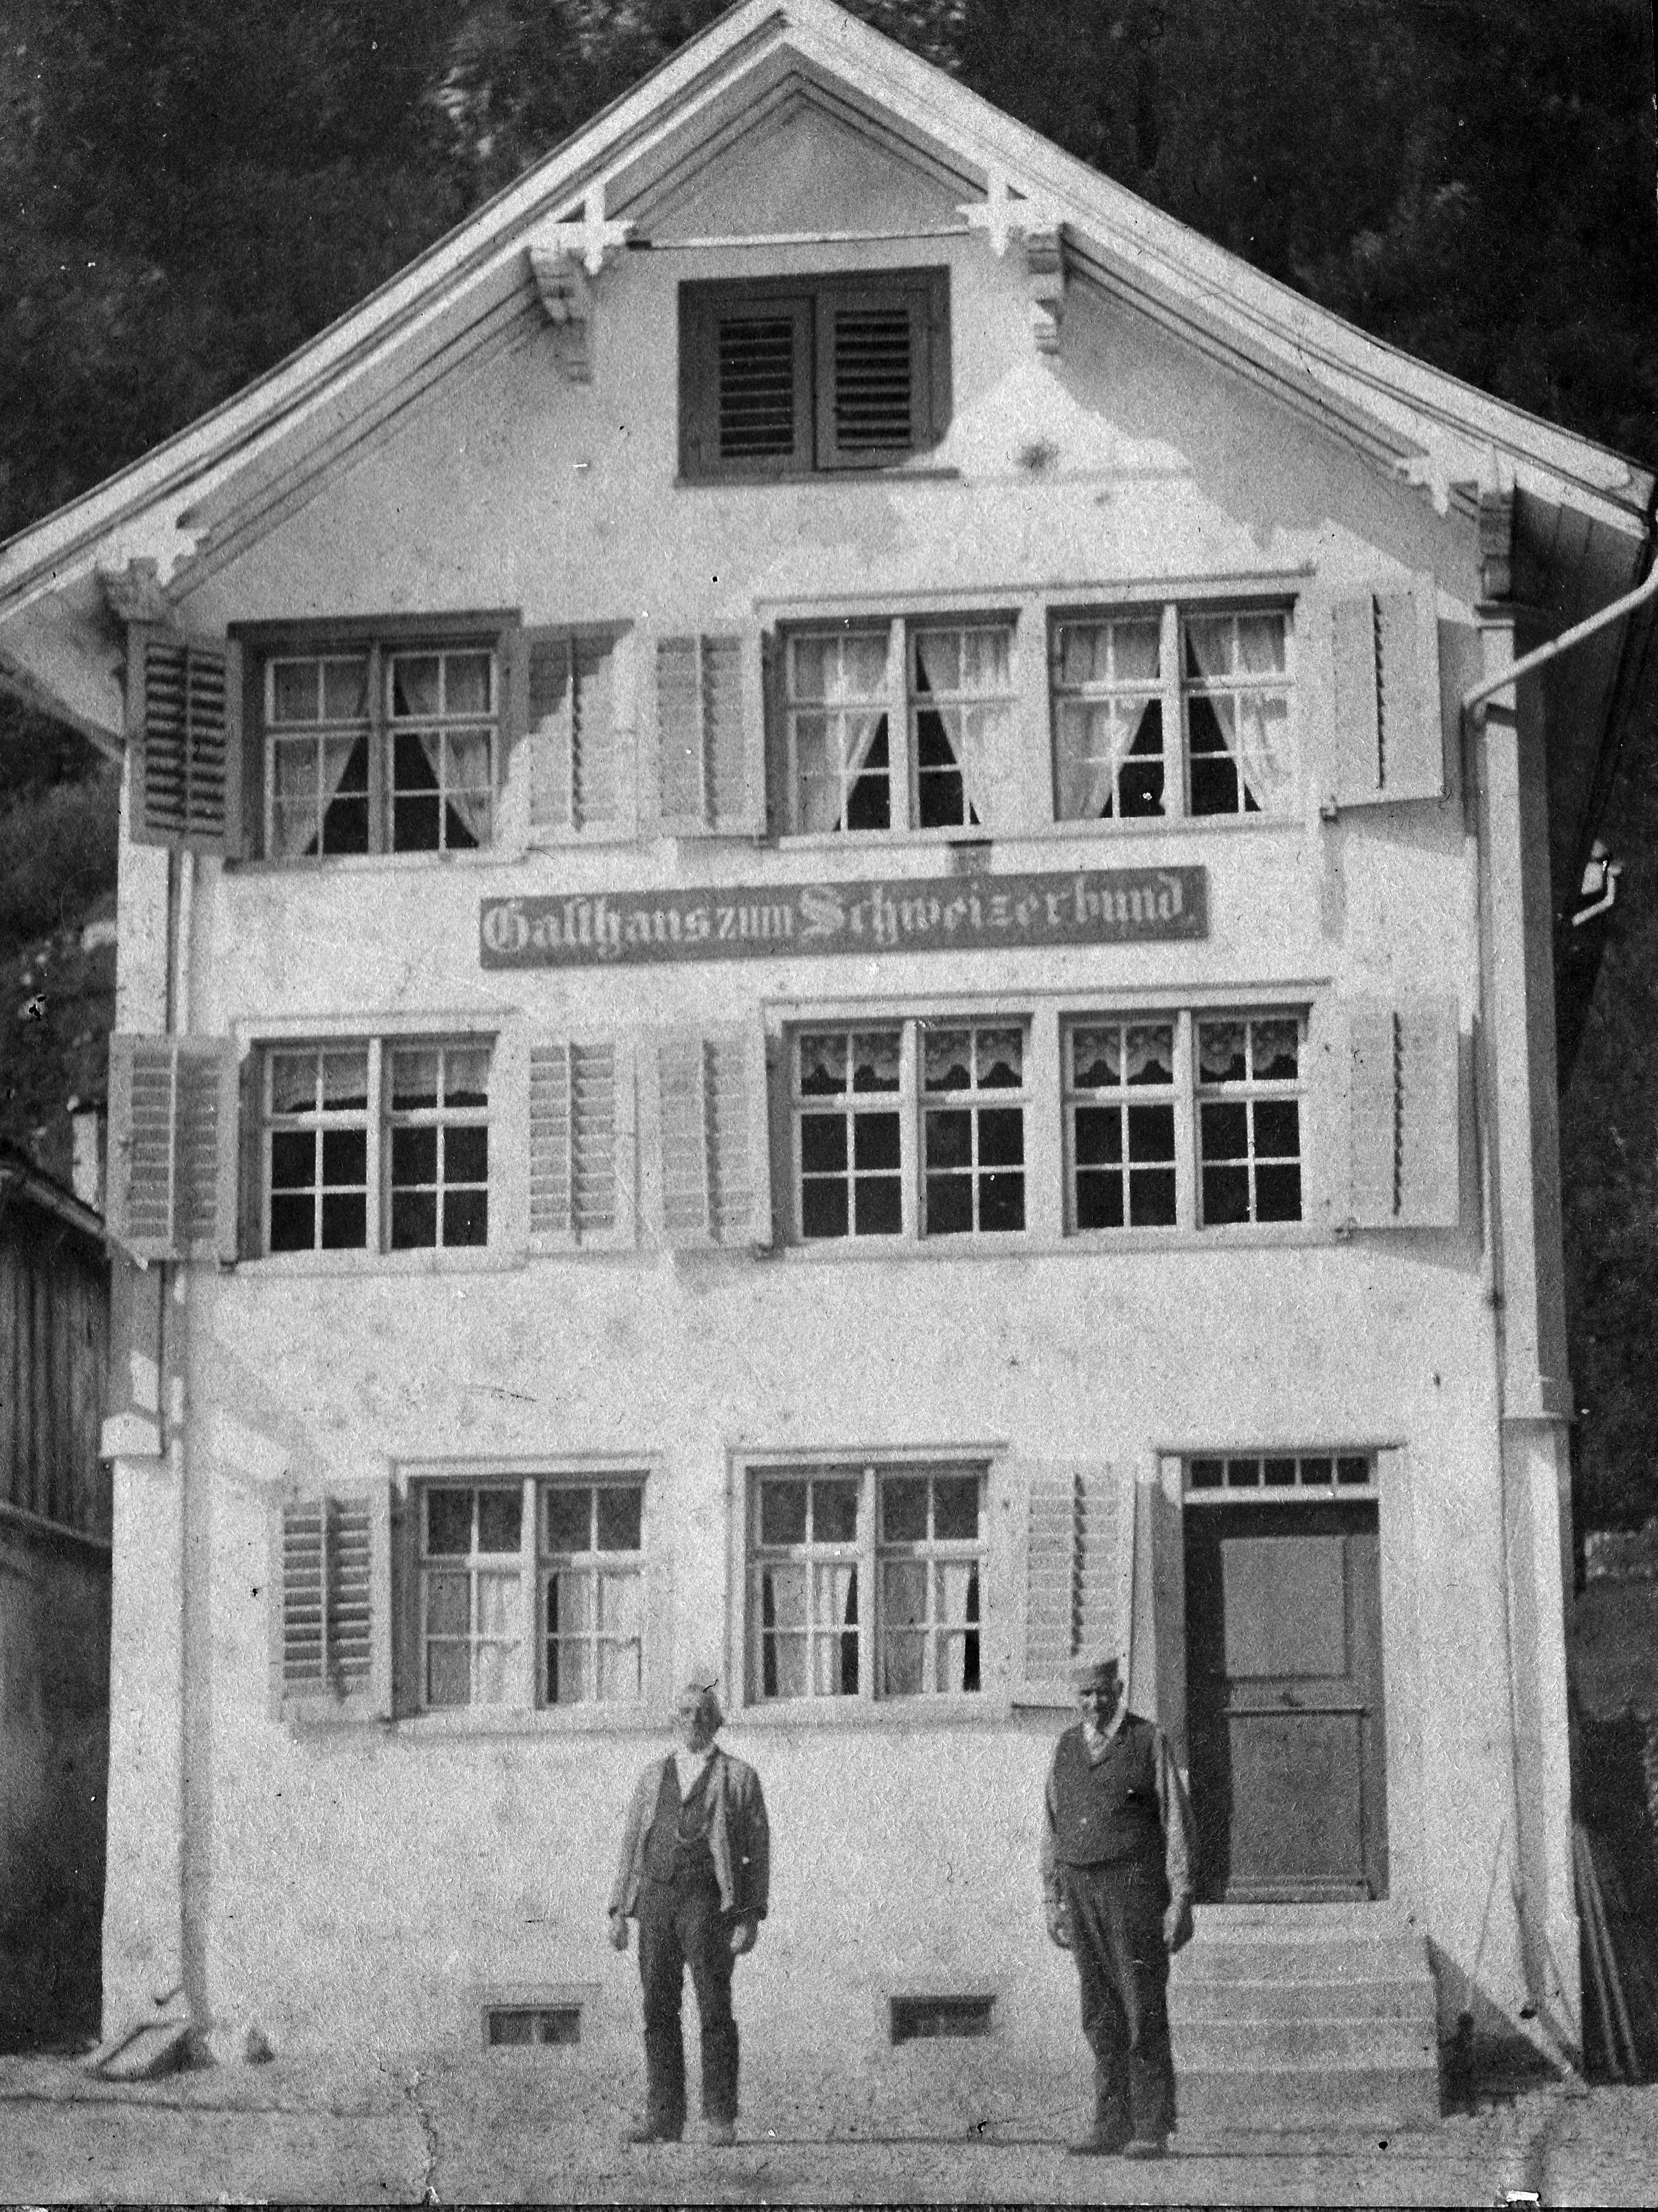 Linthal Gasthaus zum Schweizerbund ca